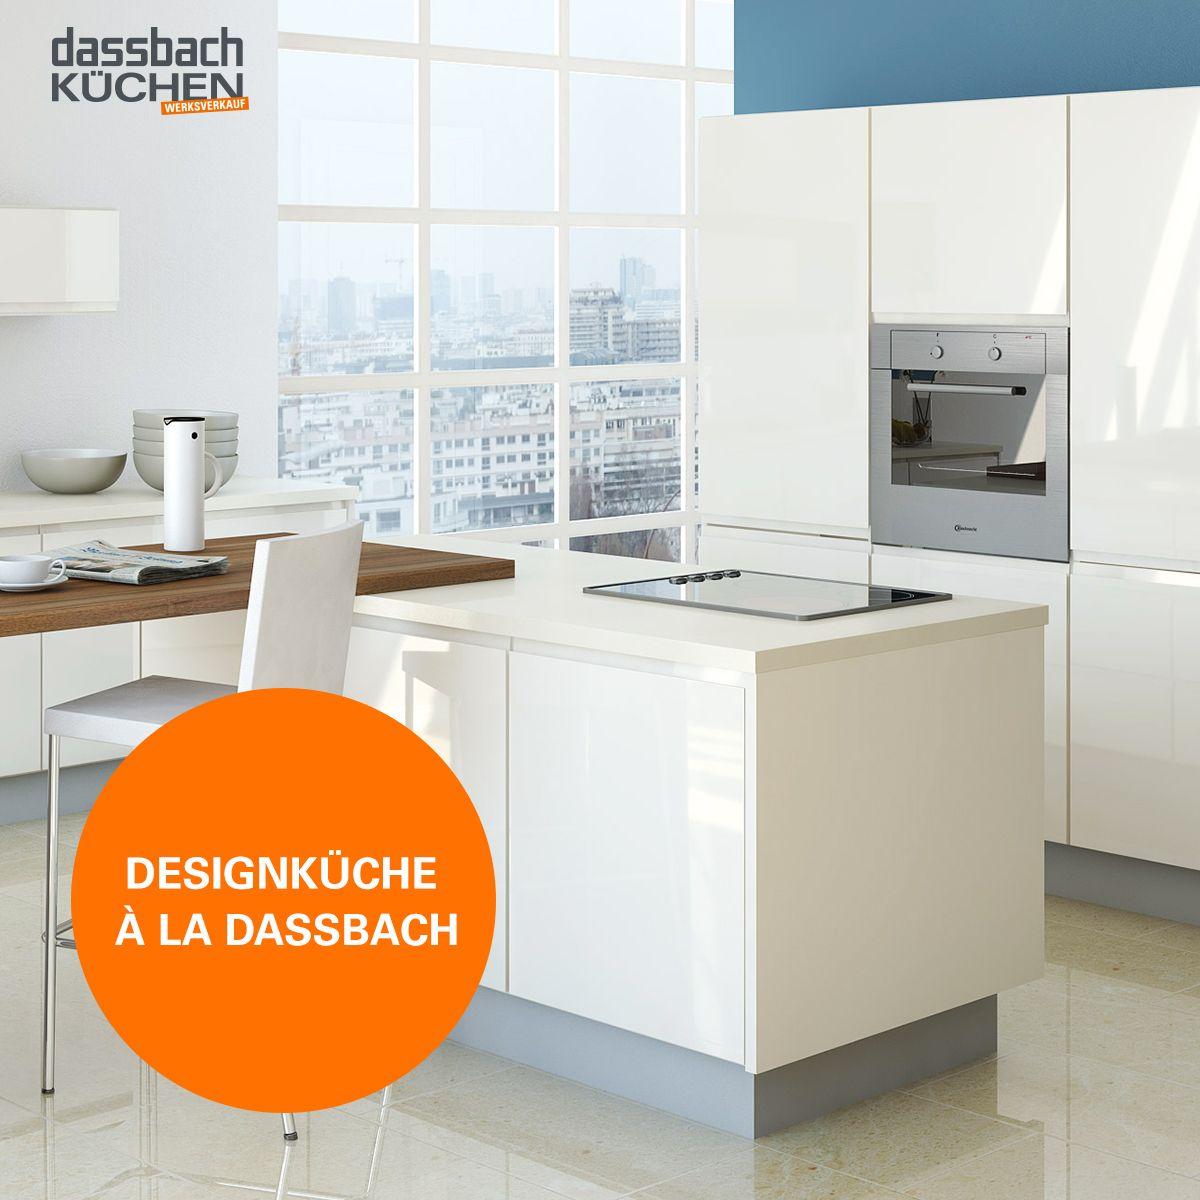 Designkuche A La Dassbach In 2020 Kuchen Design Kuchen Planung Kuchentrends